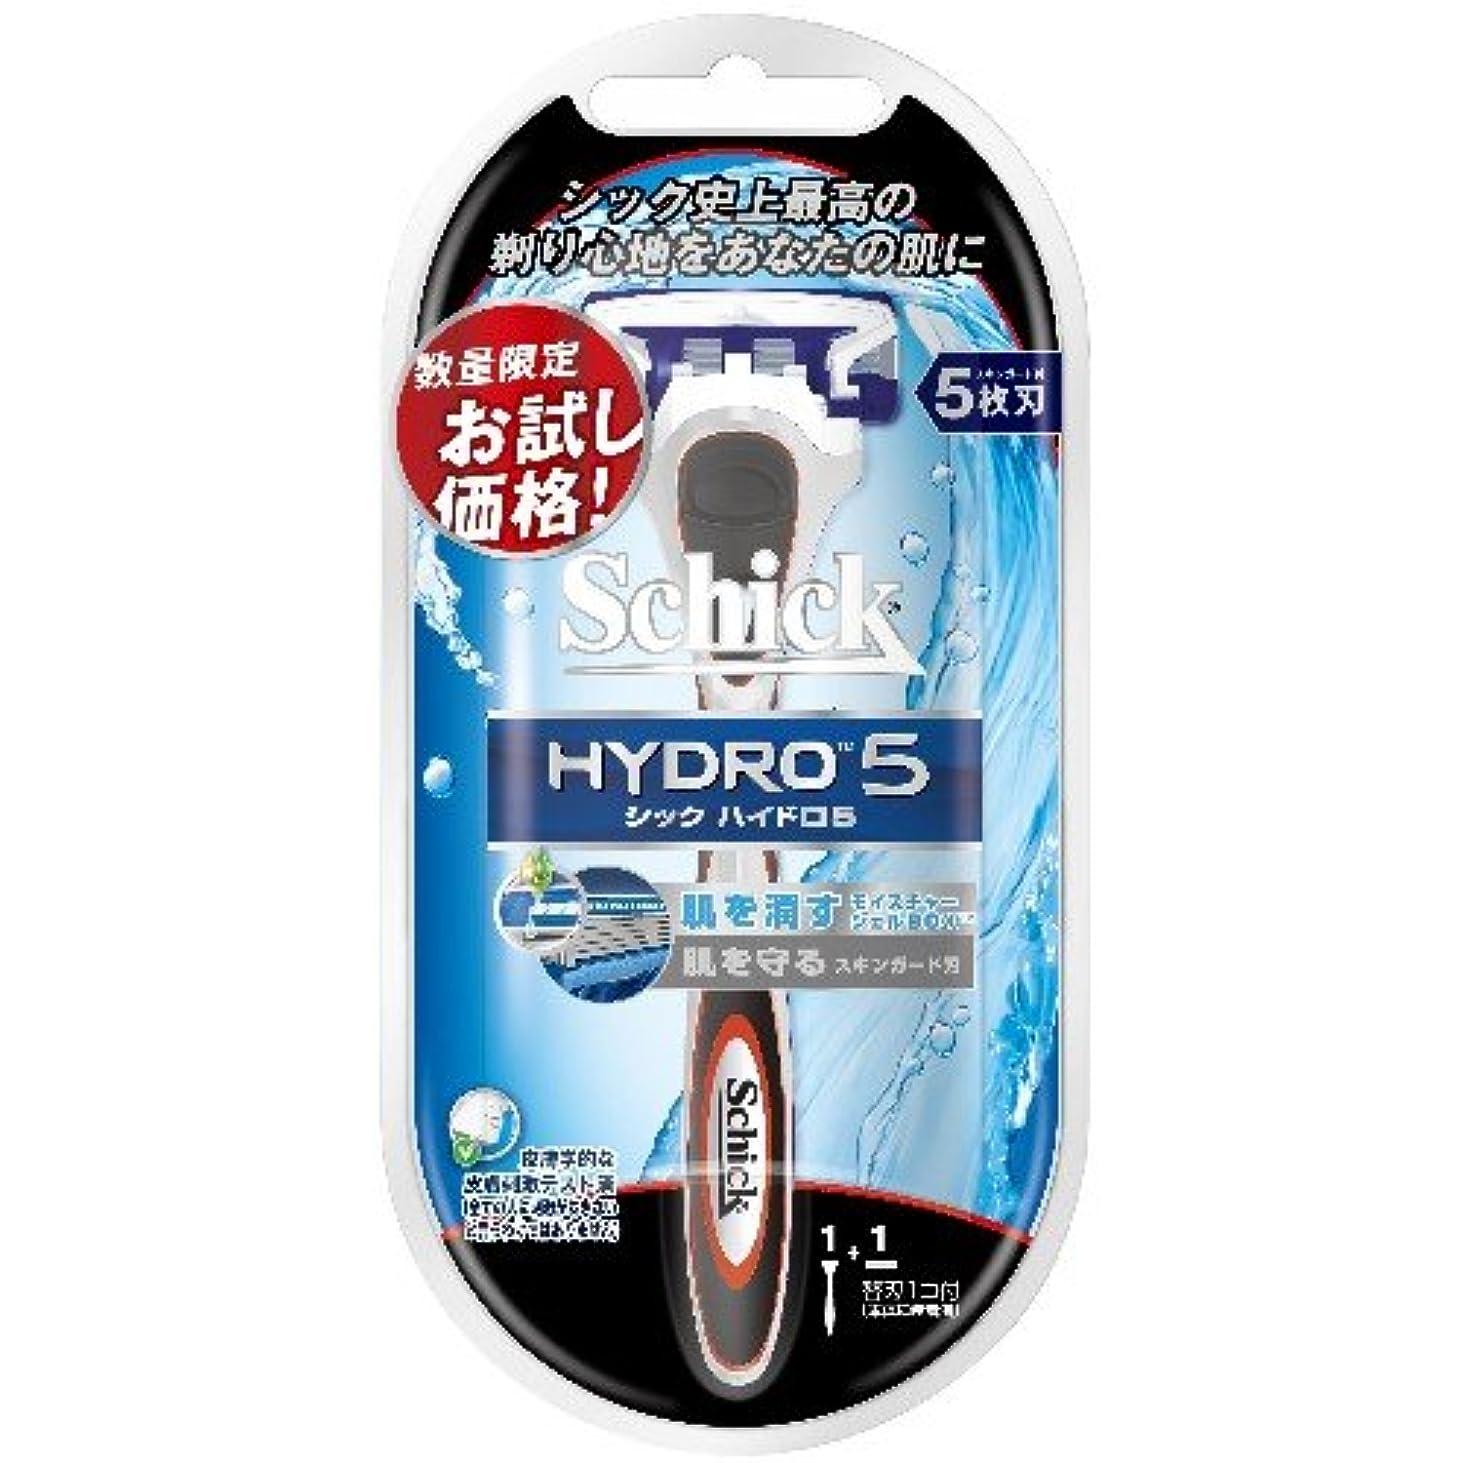 シック 【限定品】ハイドロ5 お試しホルダー 替刃1コつき